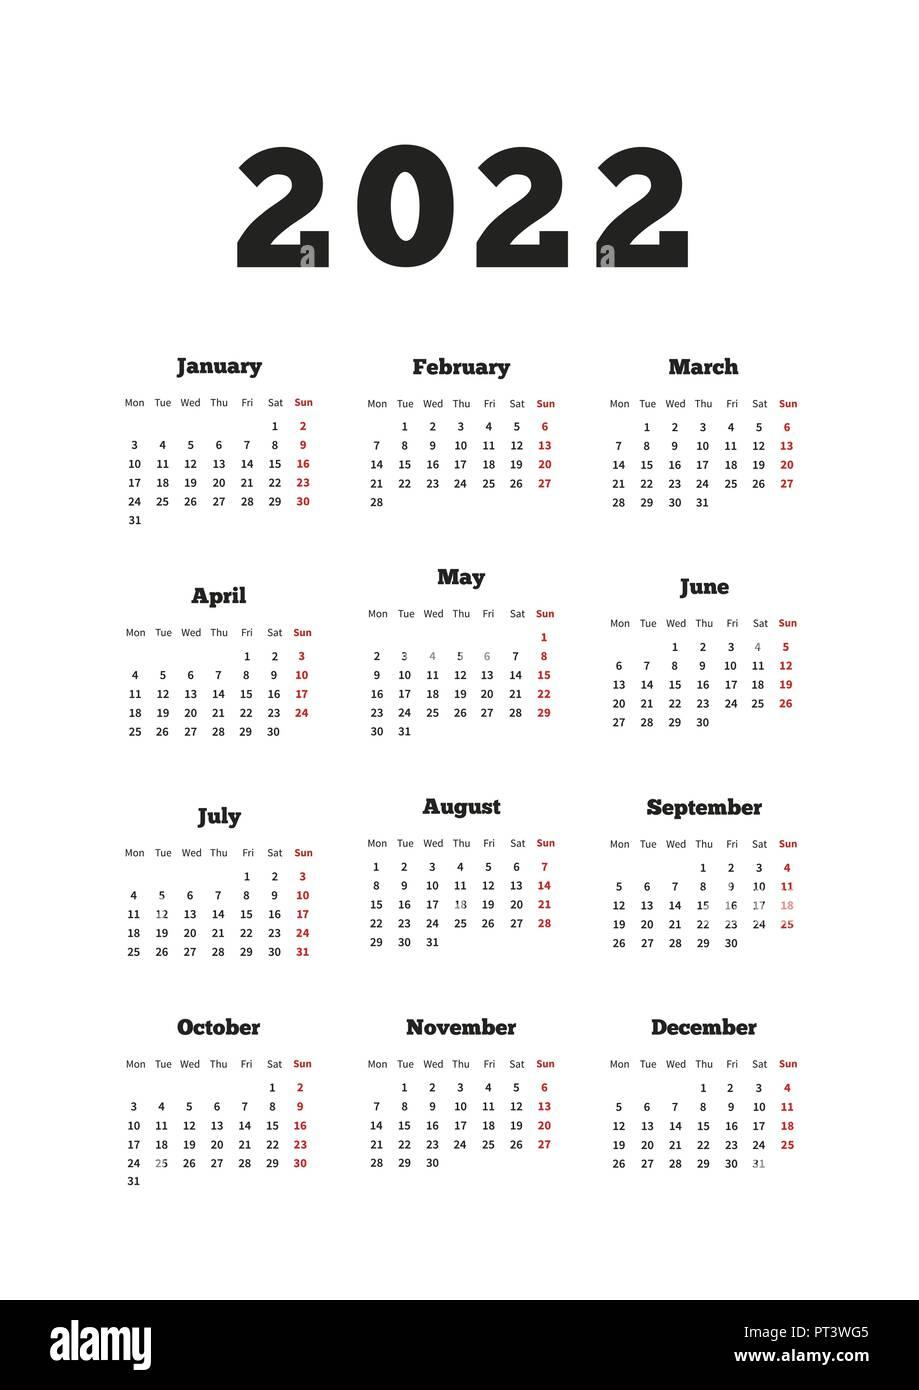 Calendrier De Lannée 2022 Calendrier sur l'année 2022 avec semaine à partir de lundi, format